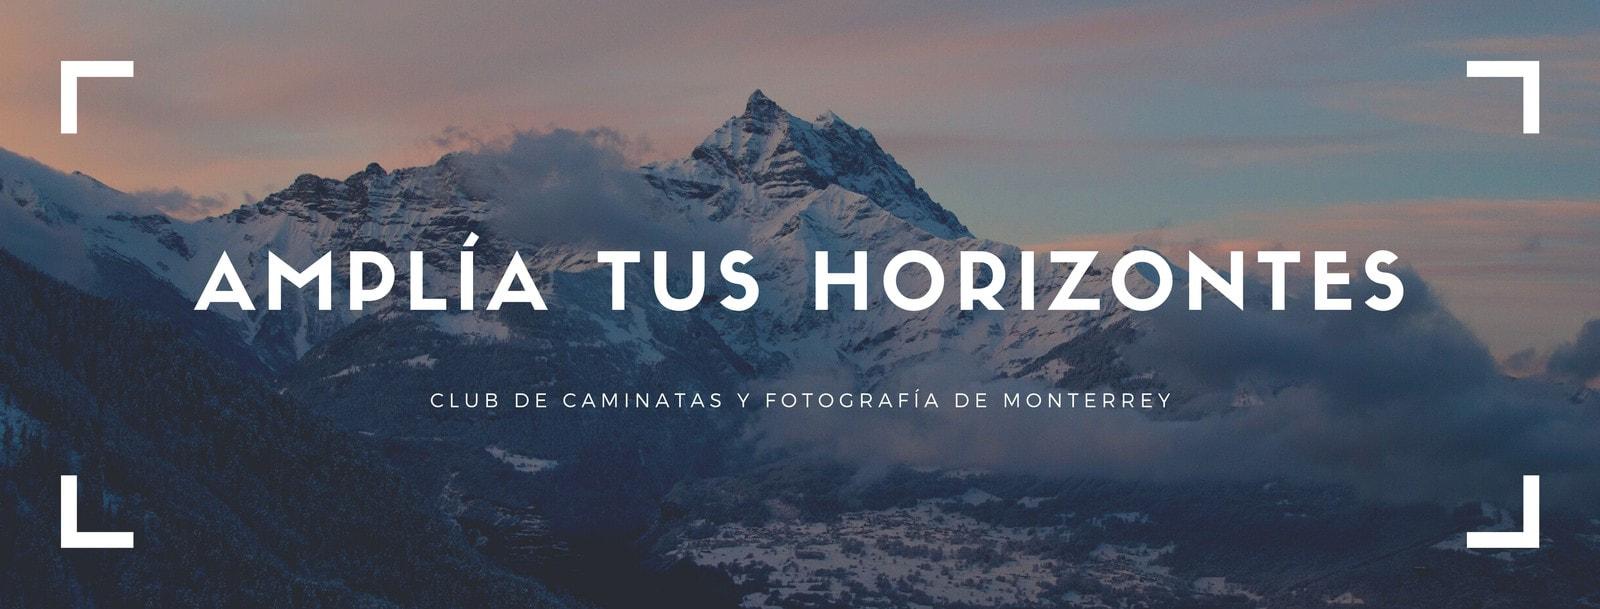 Portada de Facebook de estudio de fotografía de montaña